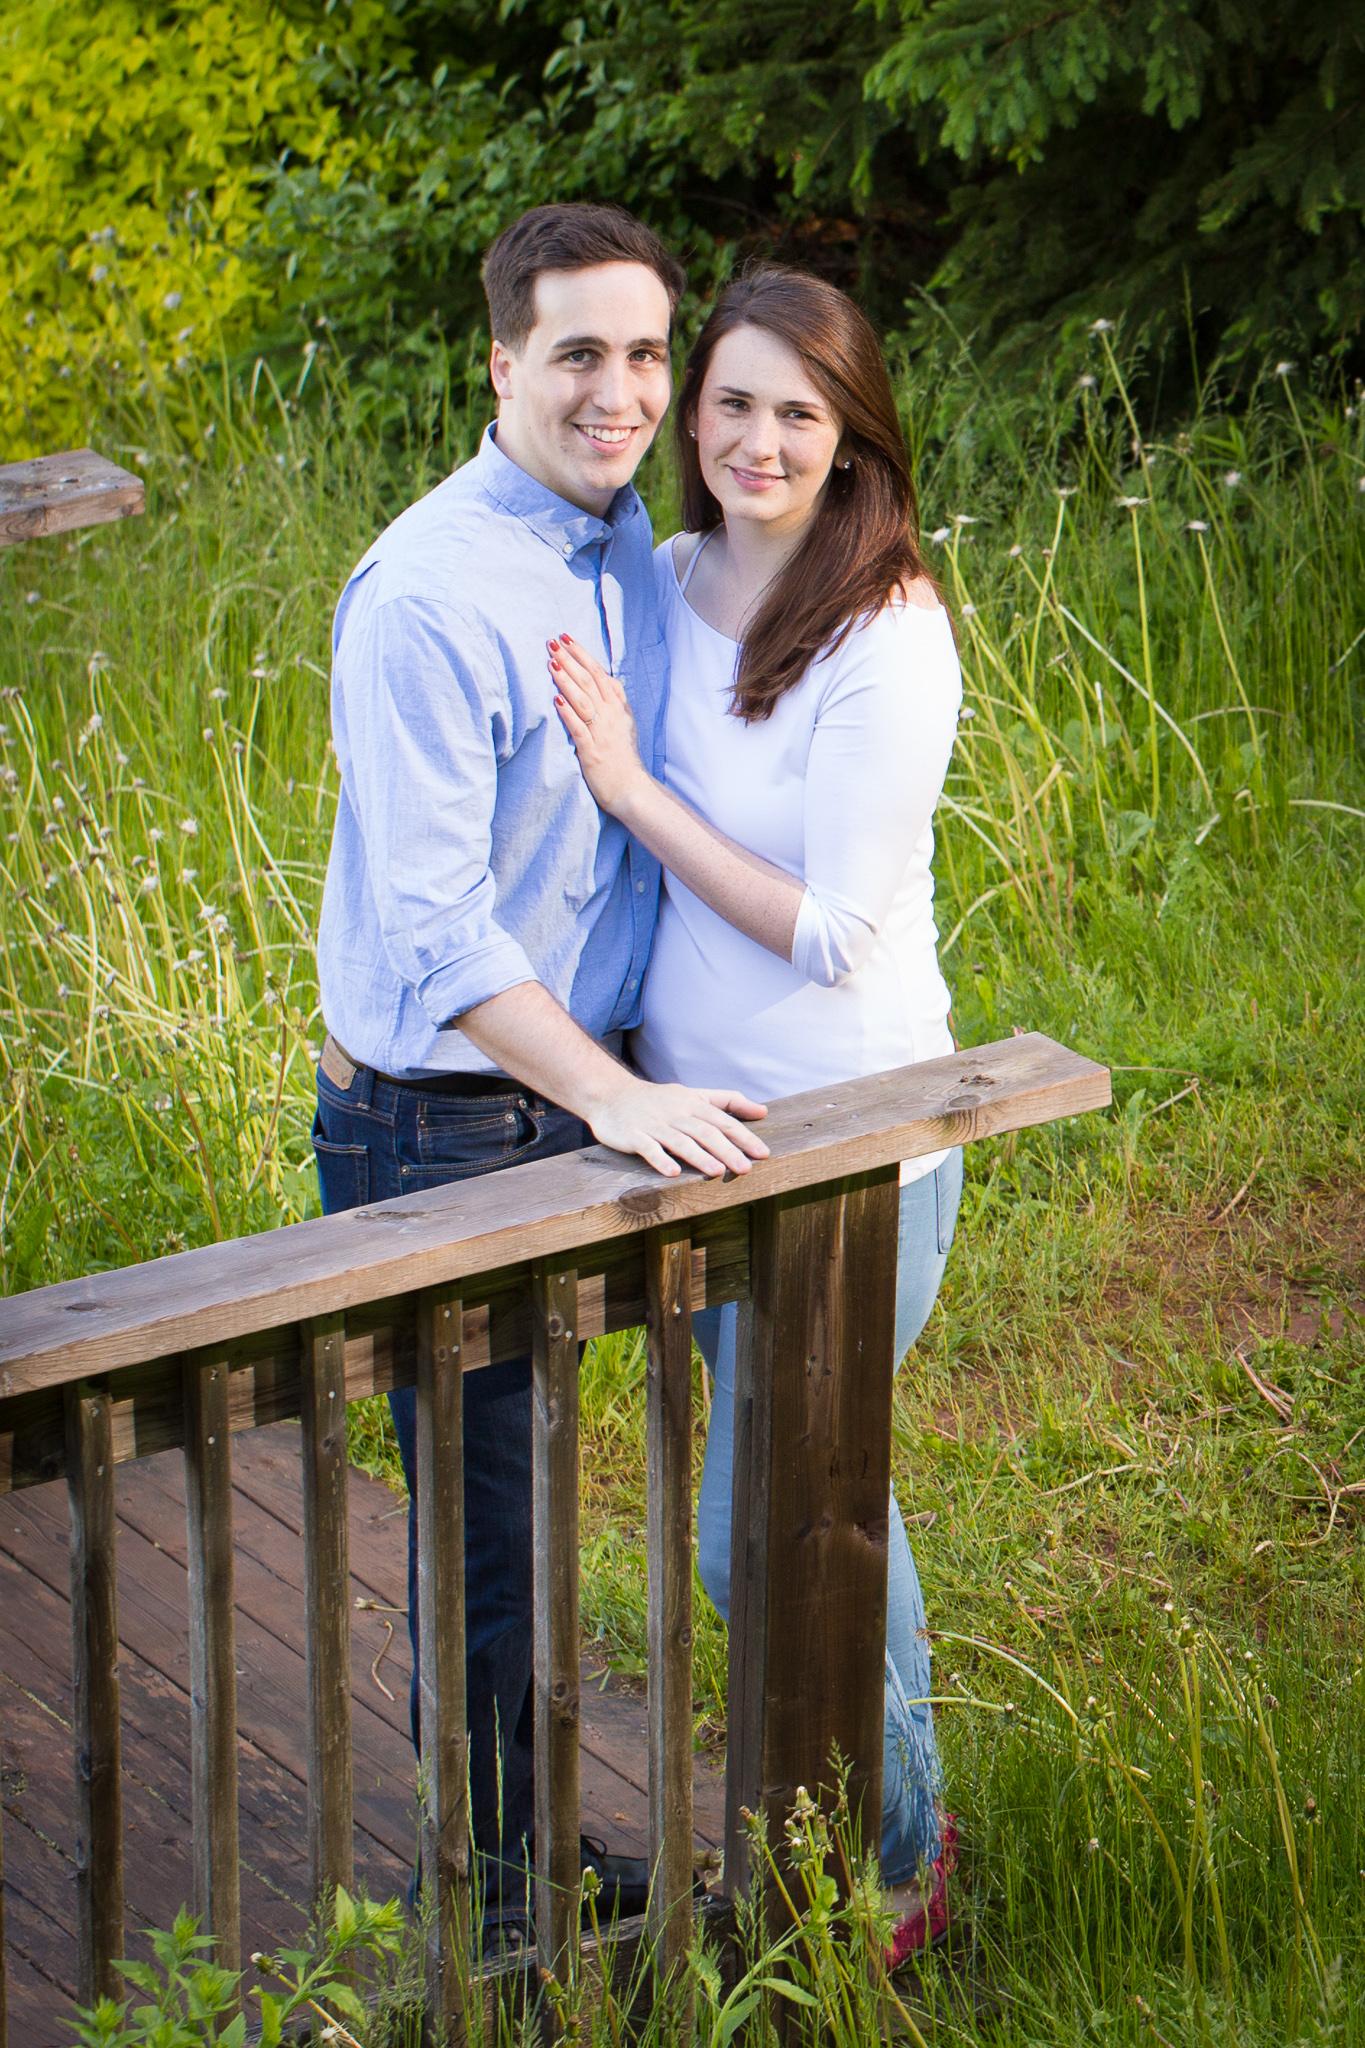 Engagement Photoshoot 15